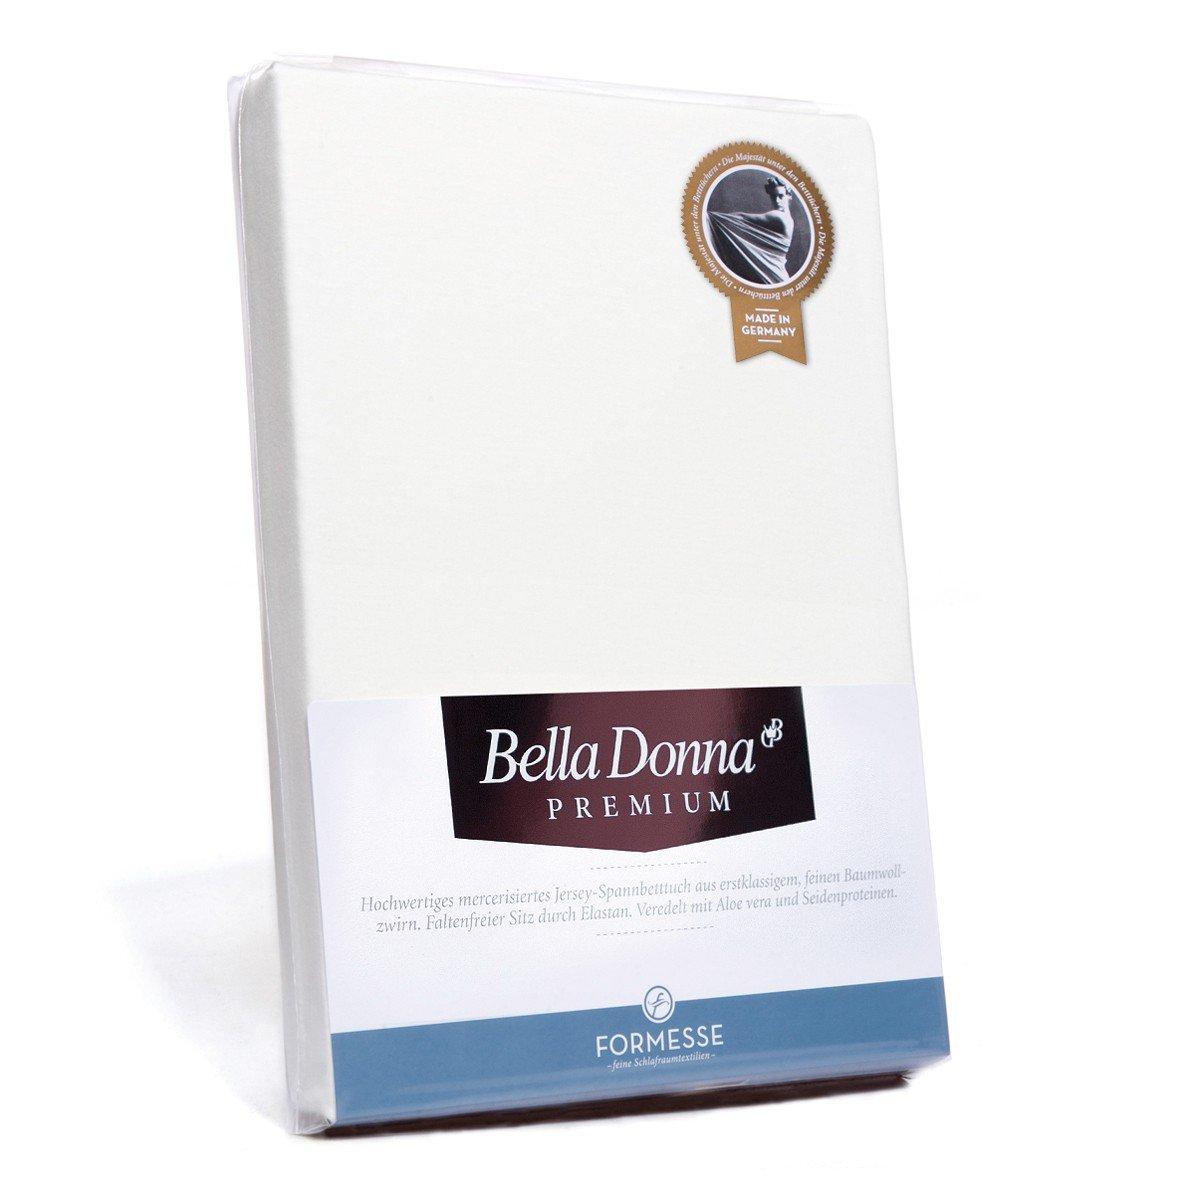 Formesse Spannbettlaken Bella Damenschuhe Premium silber 90 190 - 100 220 cm